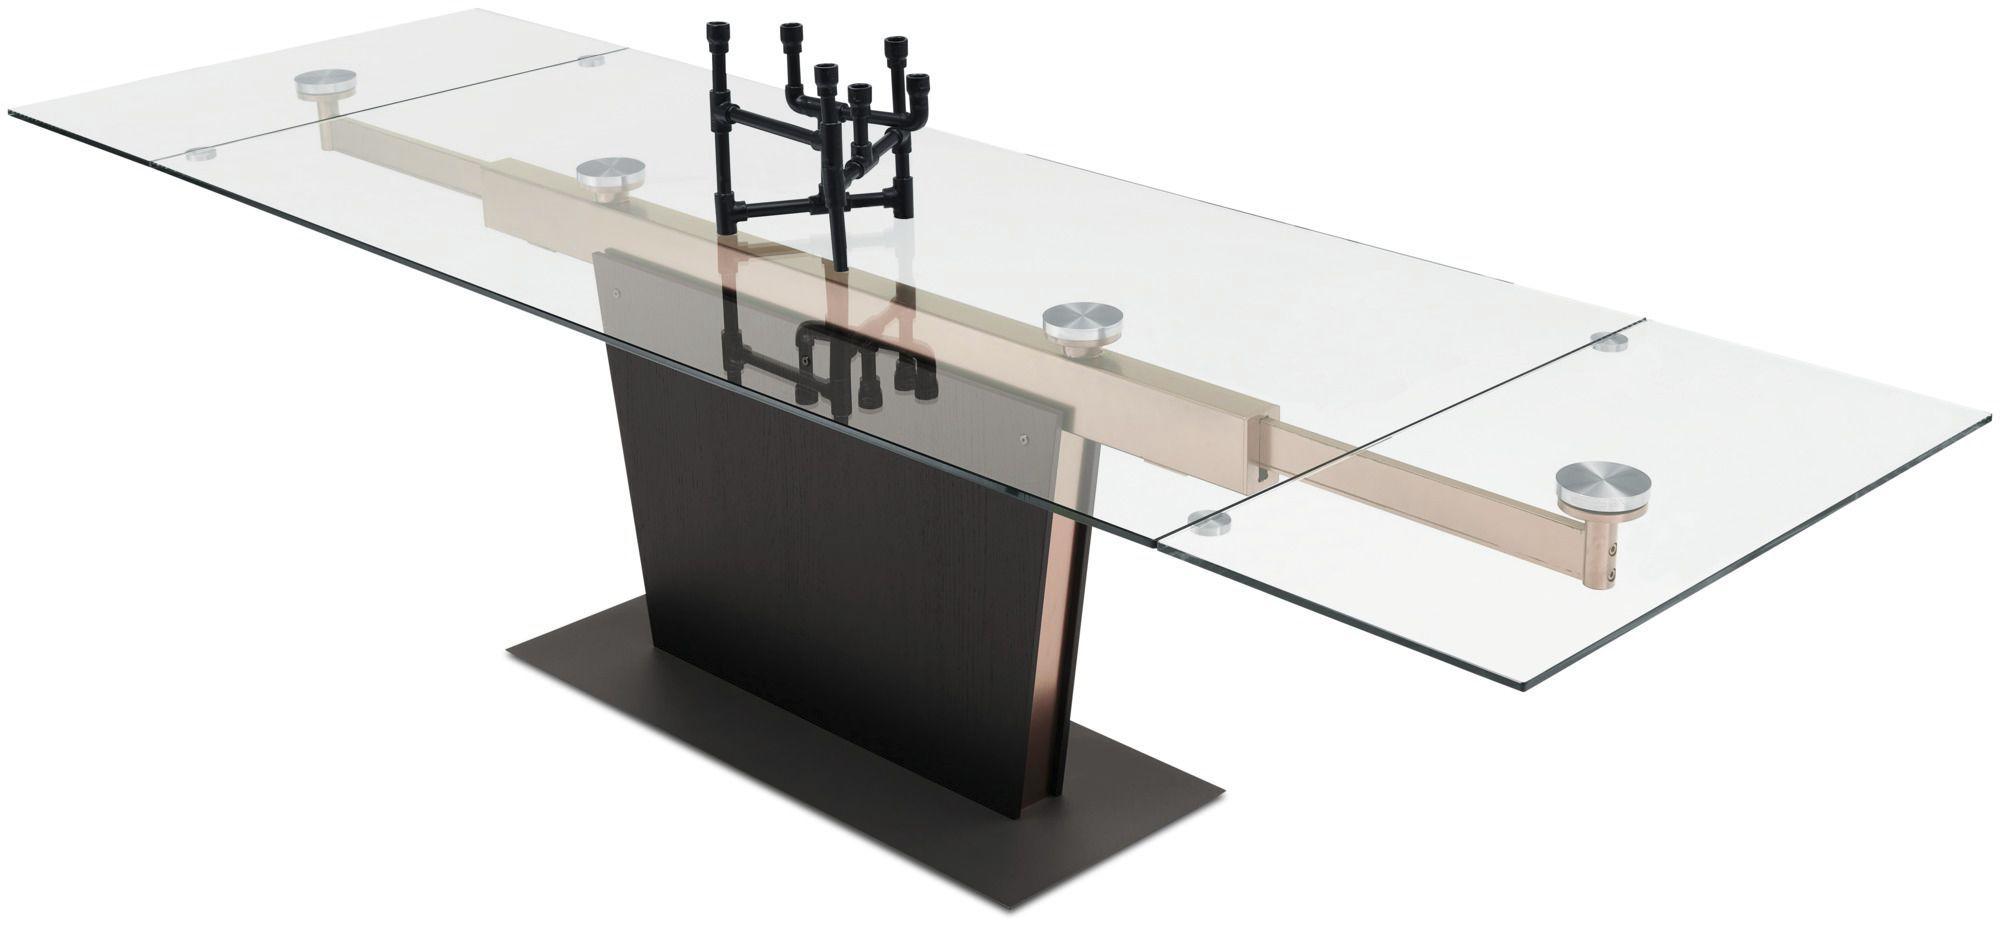 moderner esstisch glas aus mdf stahl - Boconcept Esstisch